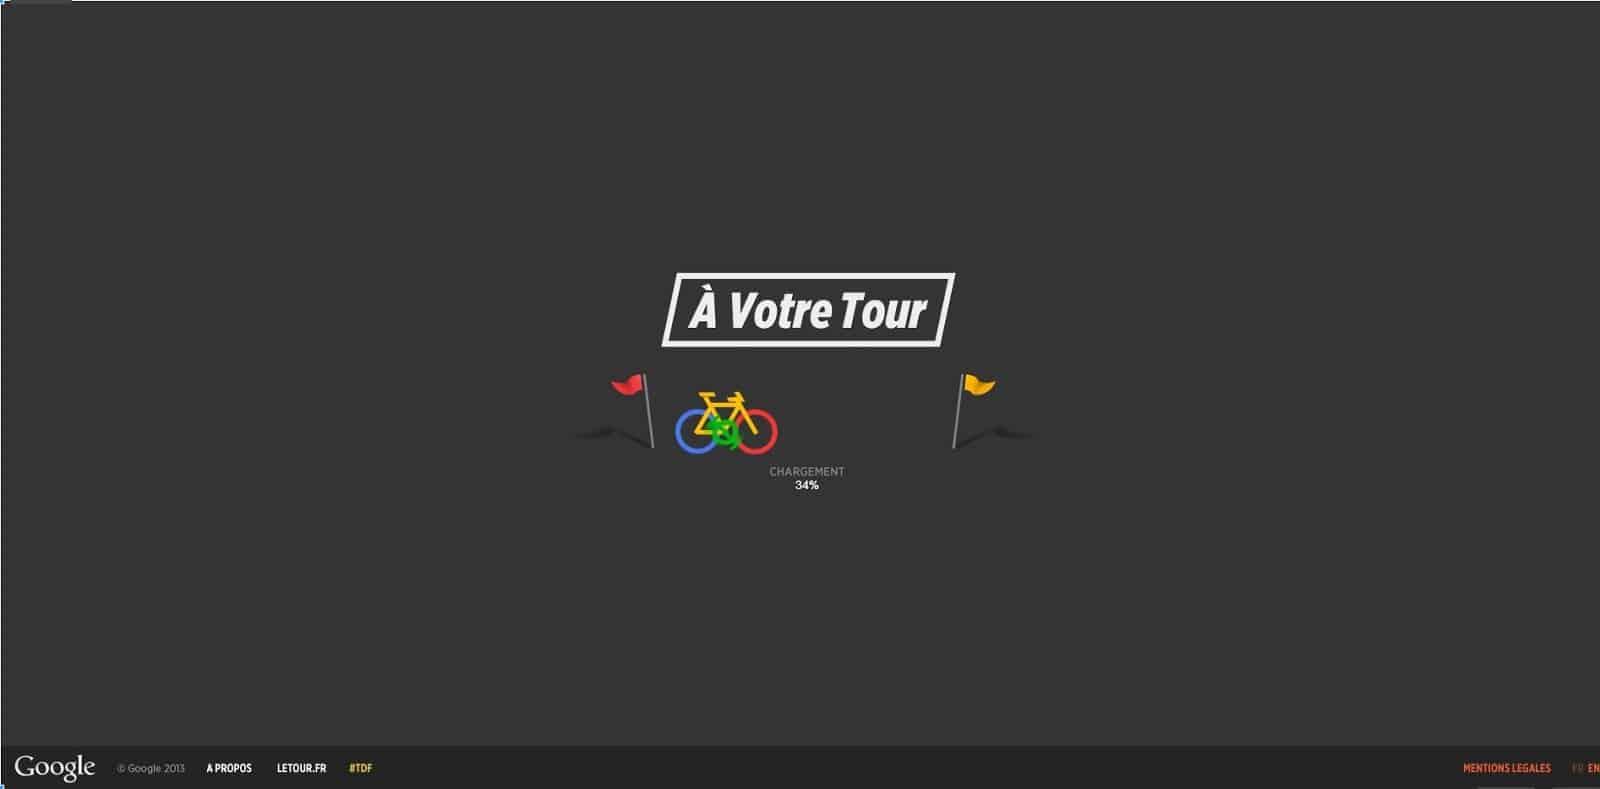 A-votre-tour-Google-2